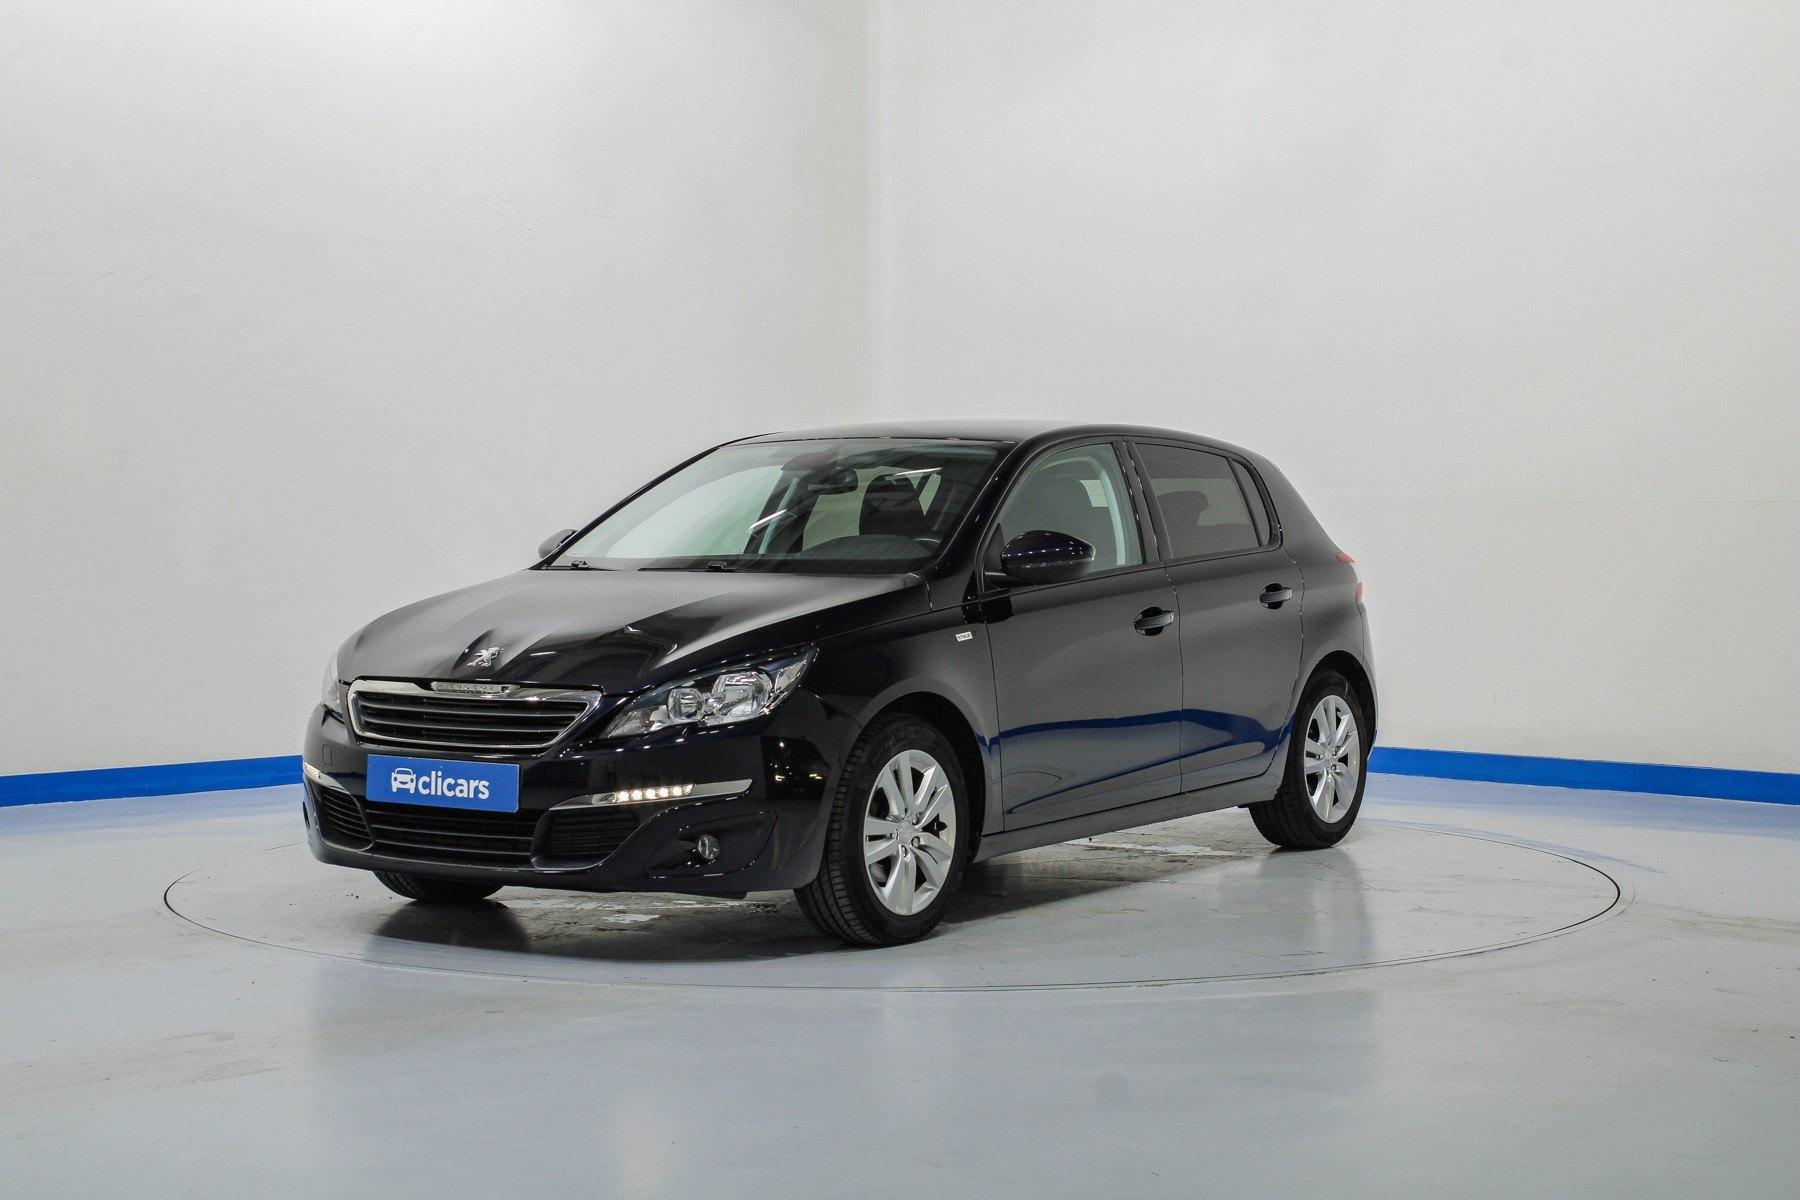 Peugeot 308 Gasolina 5p Style S 1.2 PureTech 96KW (130CV) S&S 1